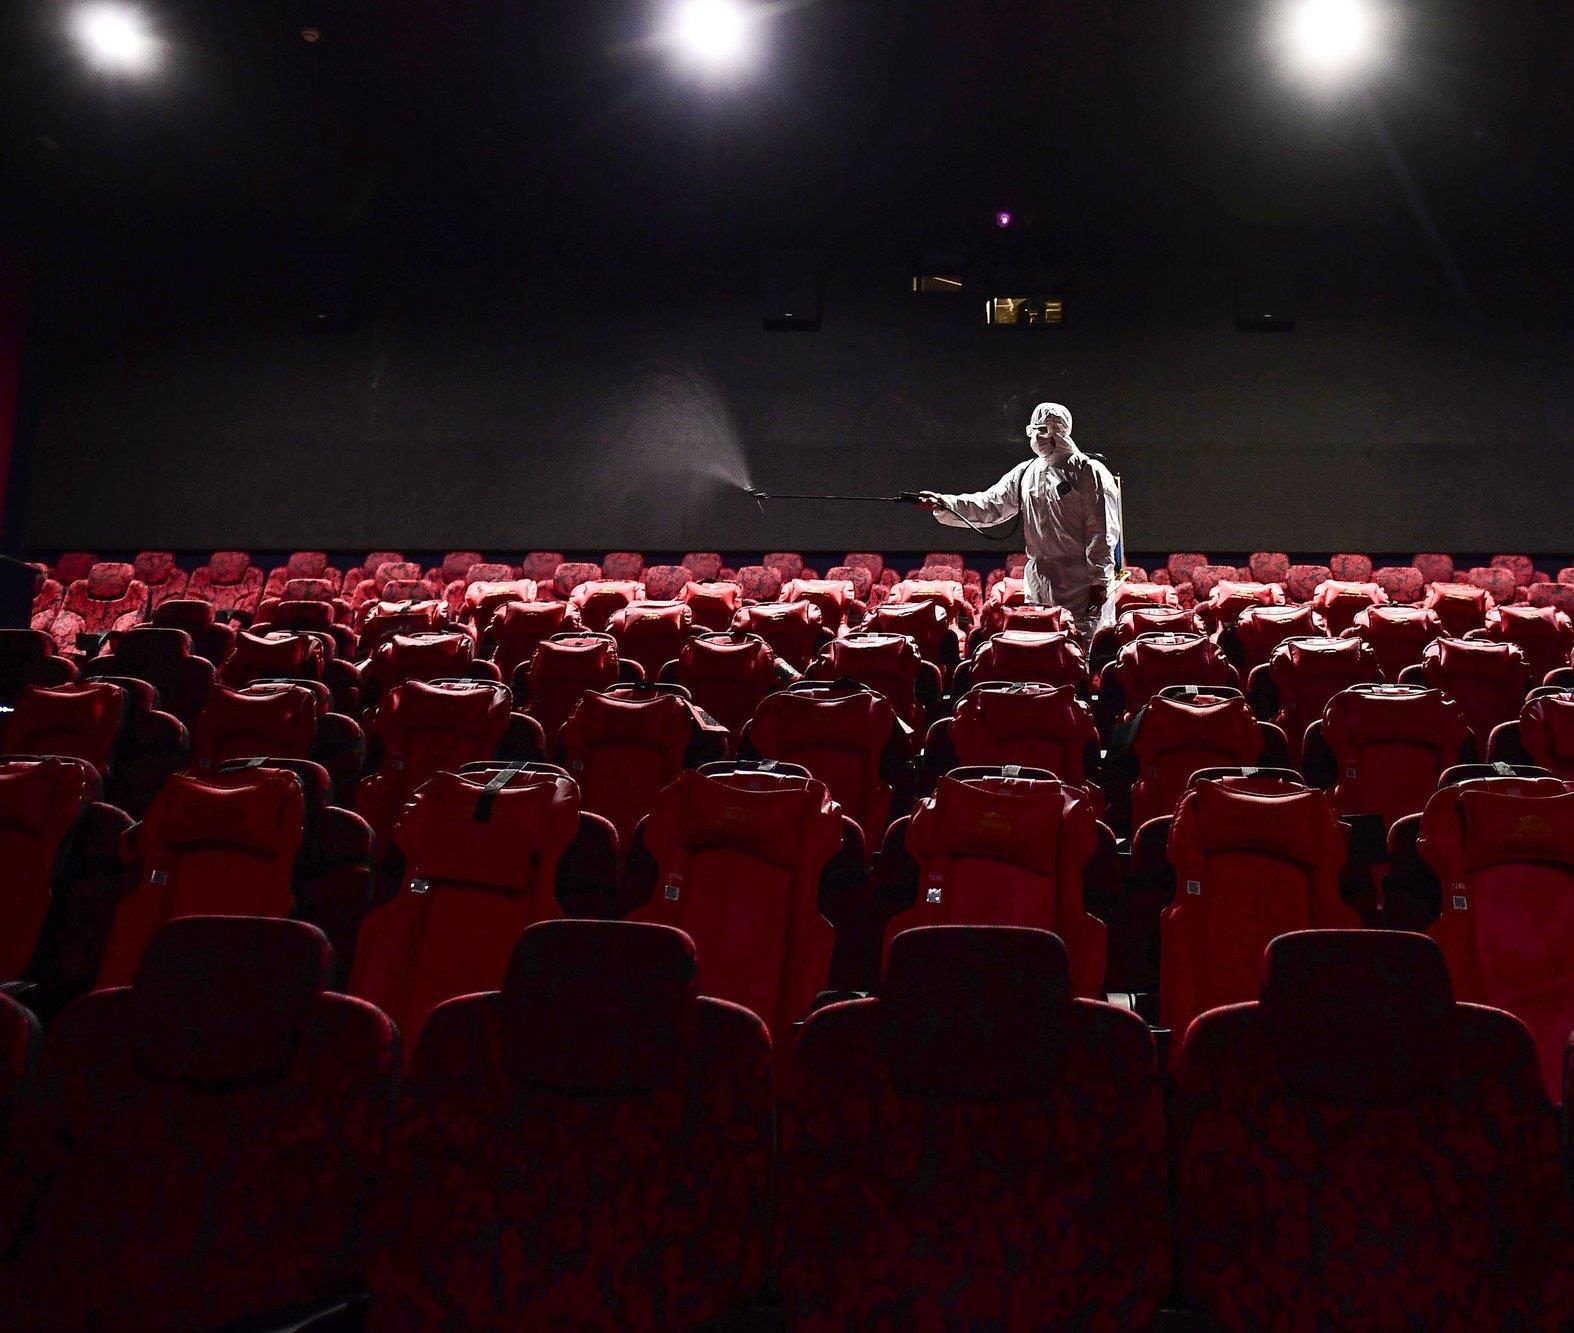 الصين تعيد فتح القاعات السينمائية للمرة الثانية في ظل تعافيها تدريجيا من أزمة كورونا